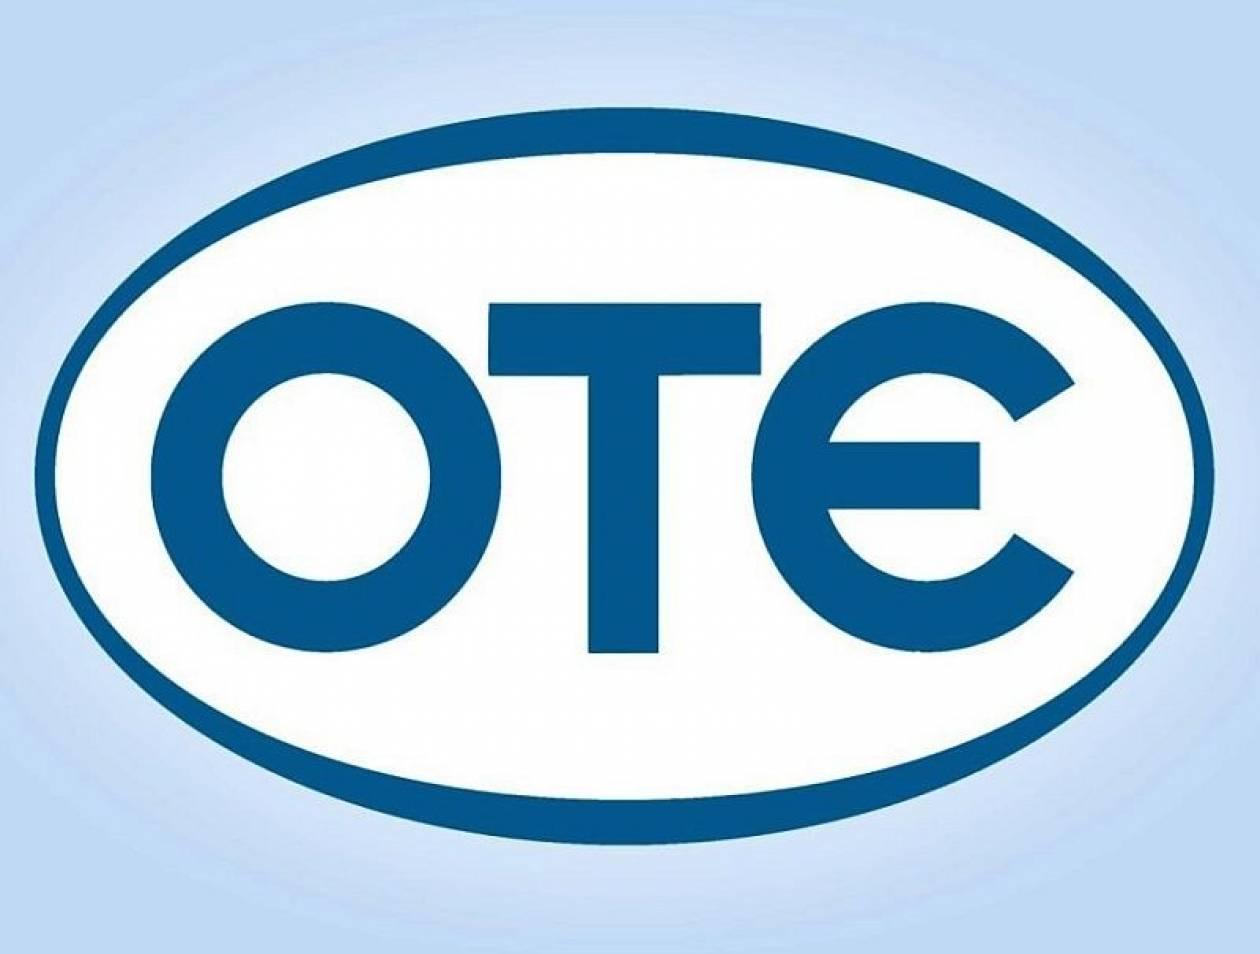 ΟΤΕ: Έκτακτη Γενική Συνέλευση στις 6 Δεκεμβρίου